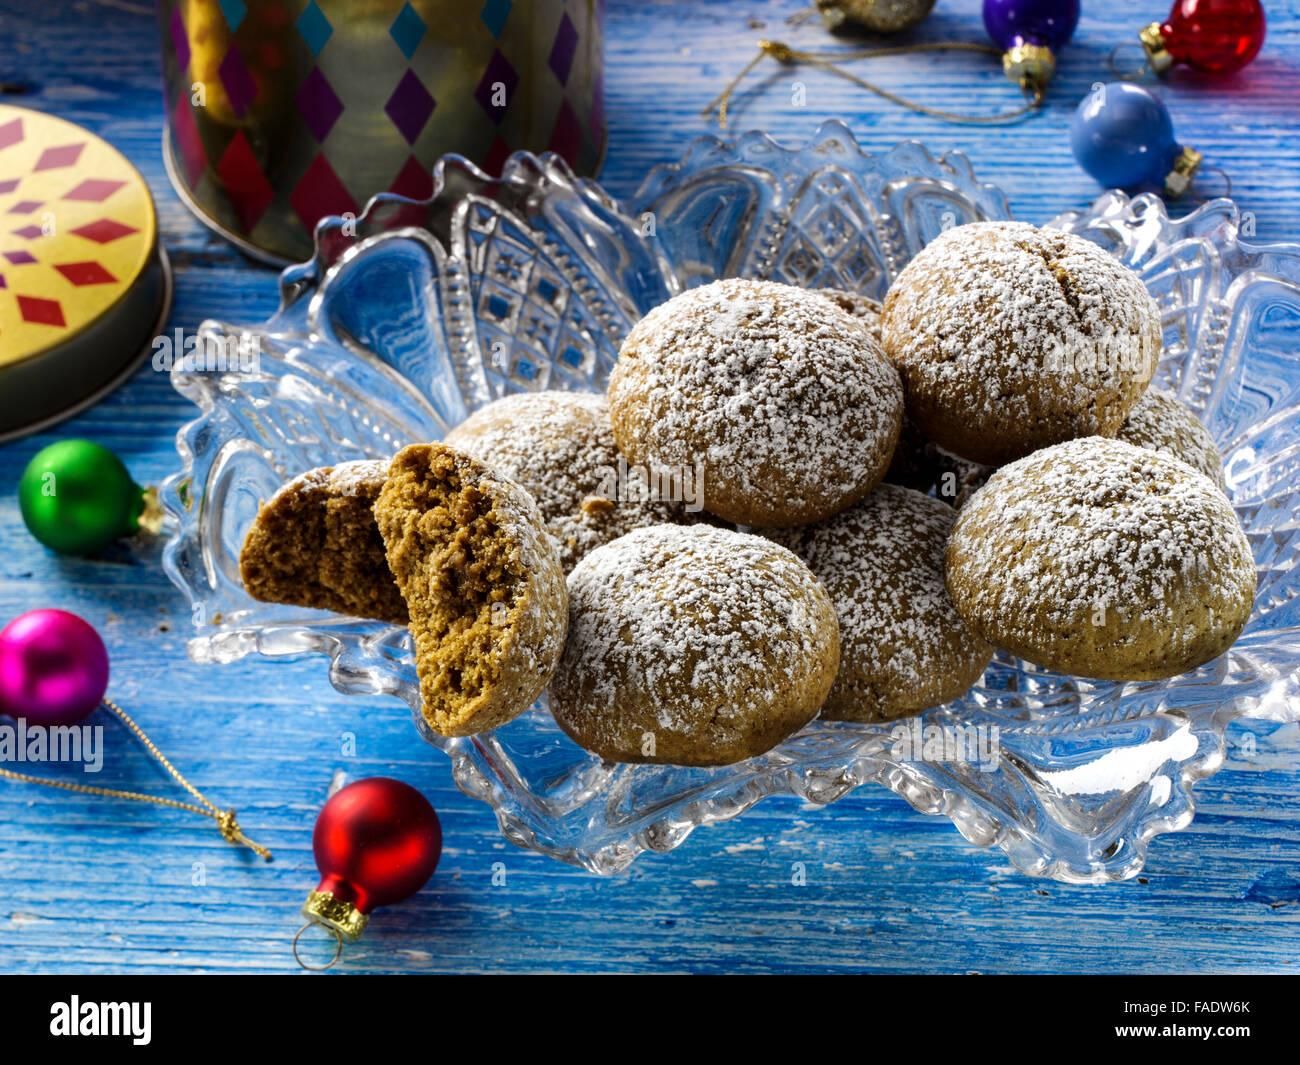 Pfeffernusse cookies - Stock Image